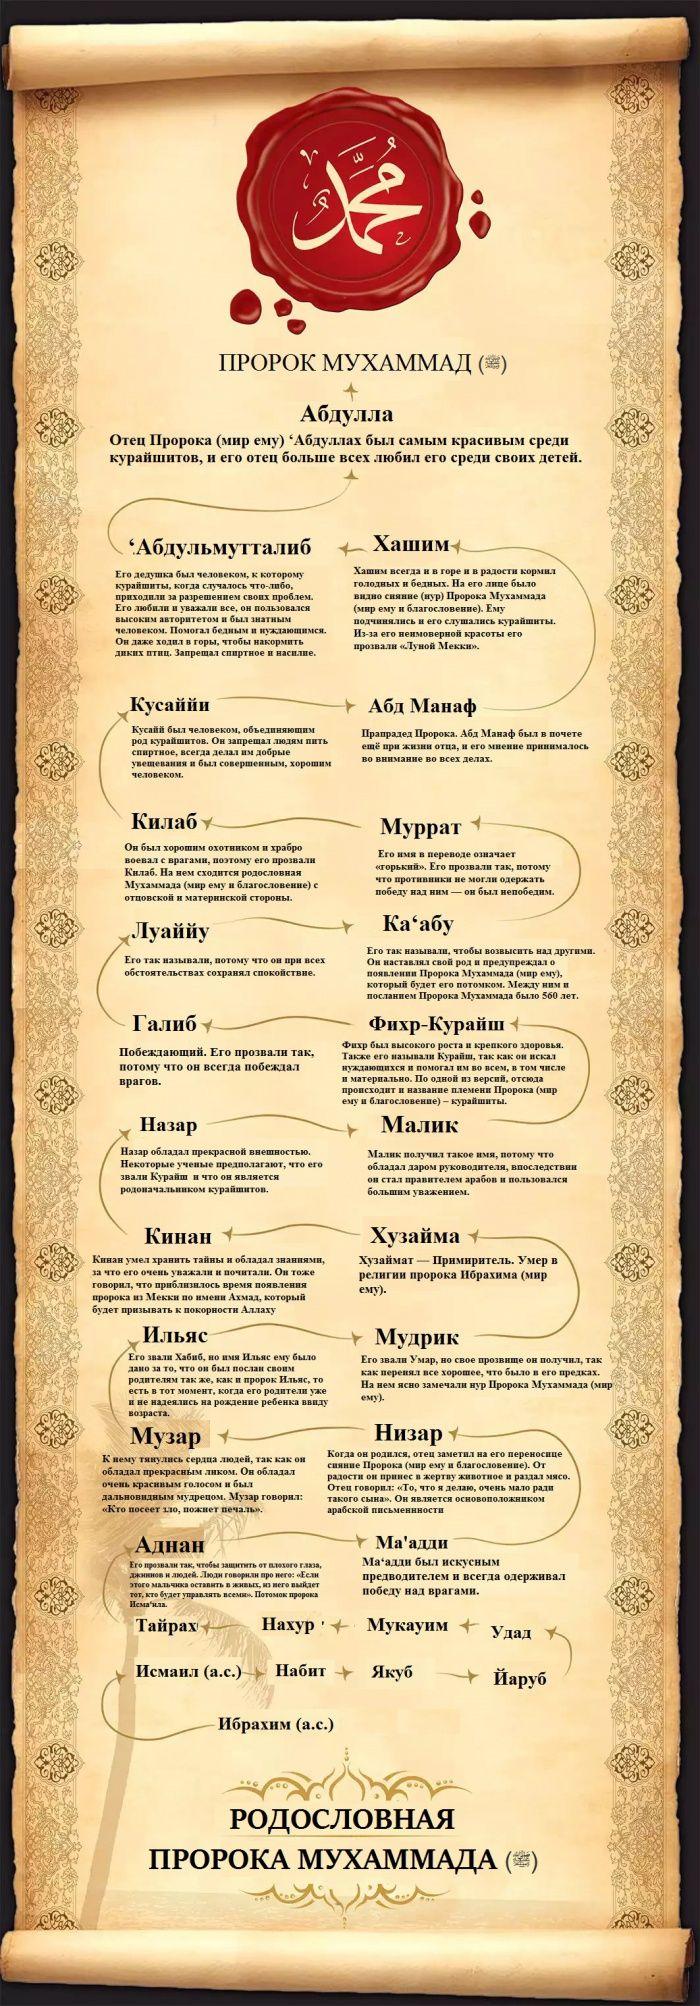 ИНФОГРАФИКА: Родословная Пророка Мухаммада (ﷺ) начиная от пророка Ибрахима (а.с.)